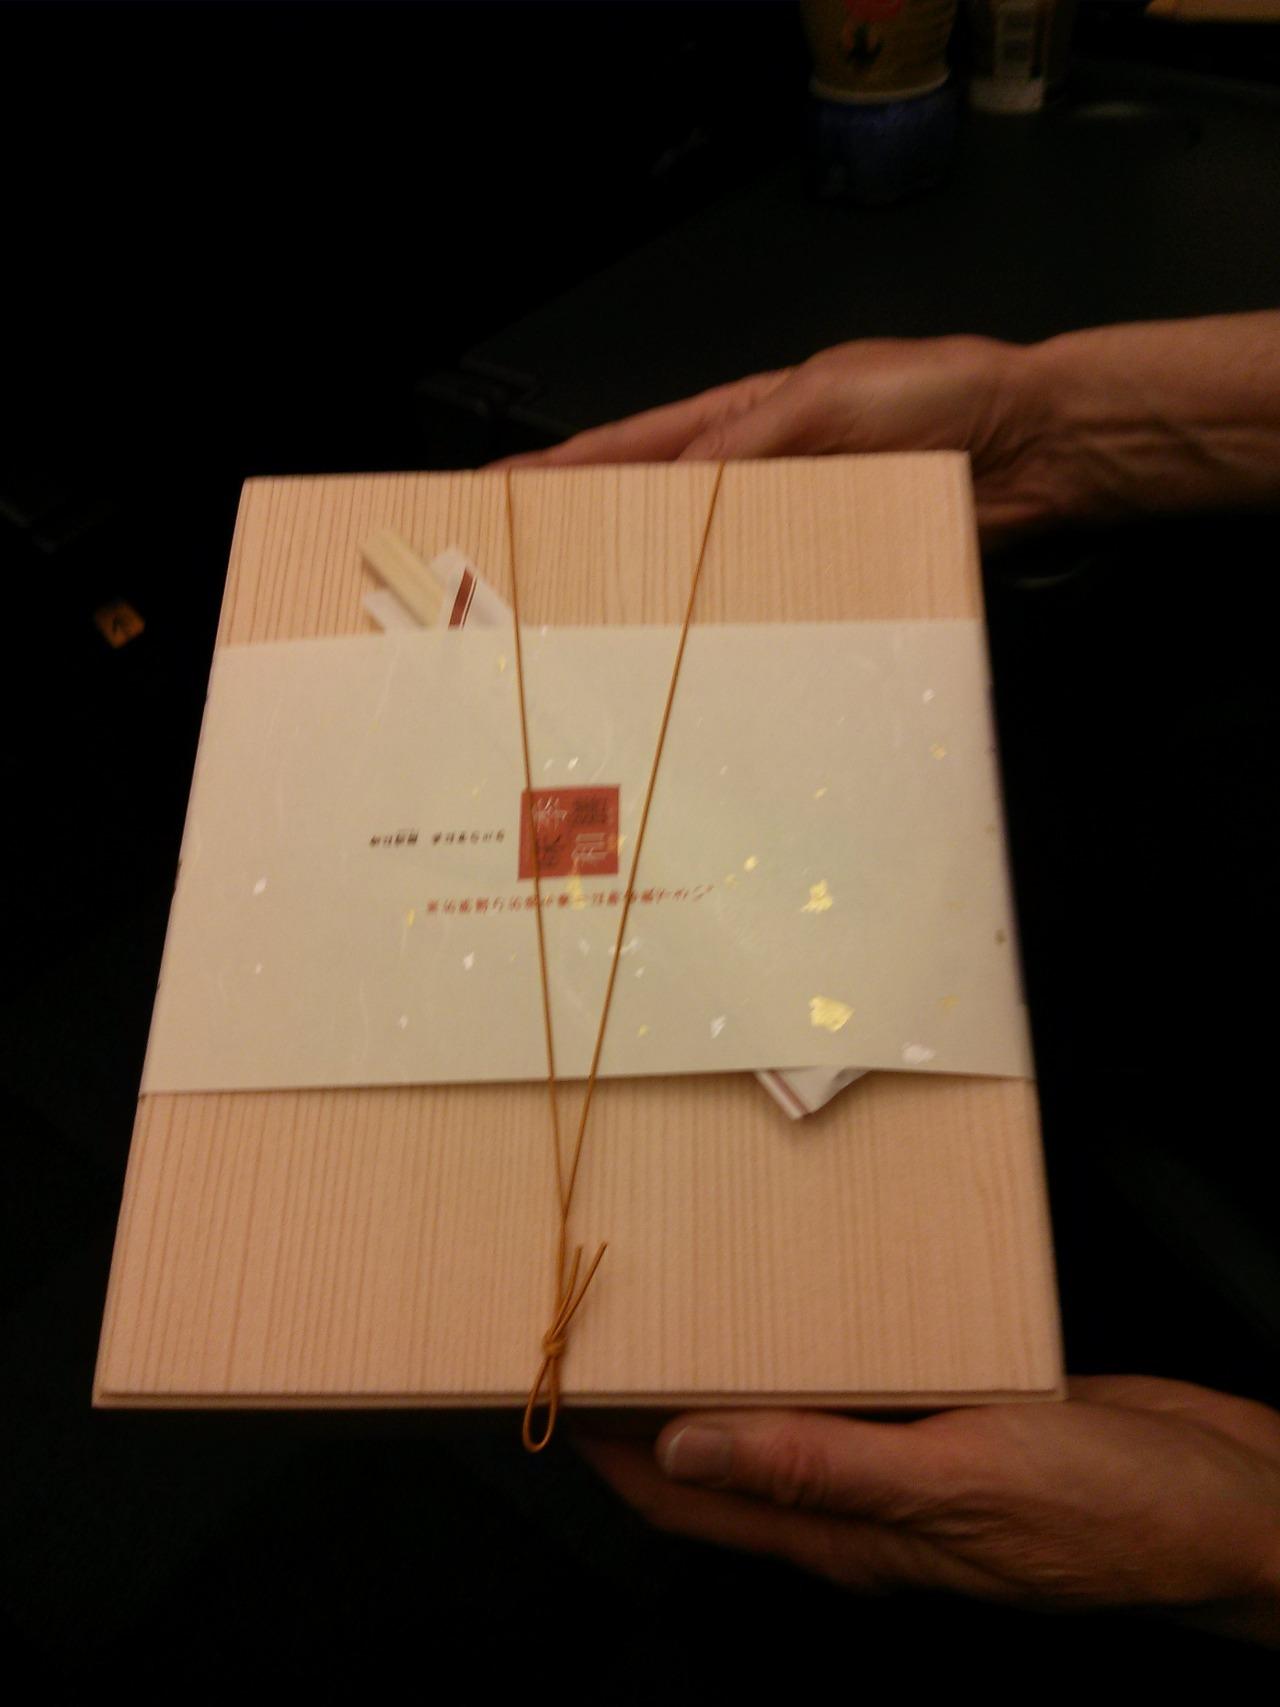 The final Bento Box